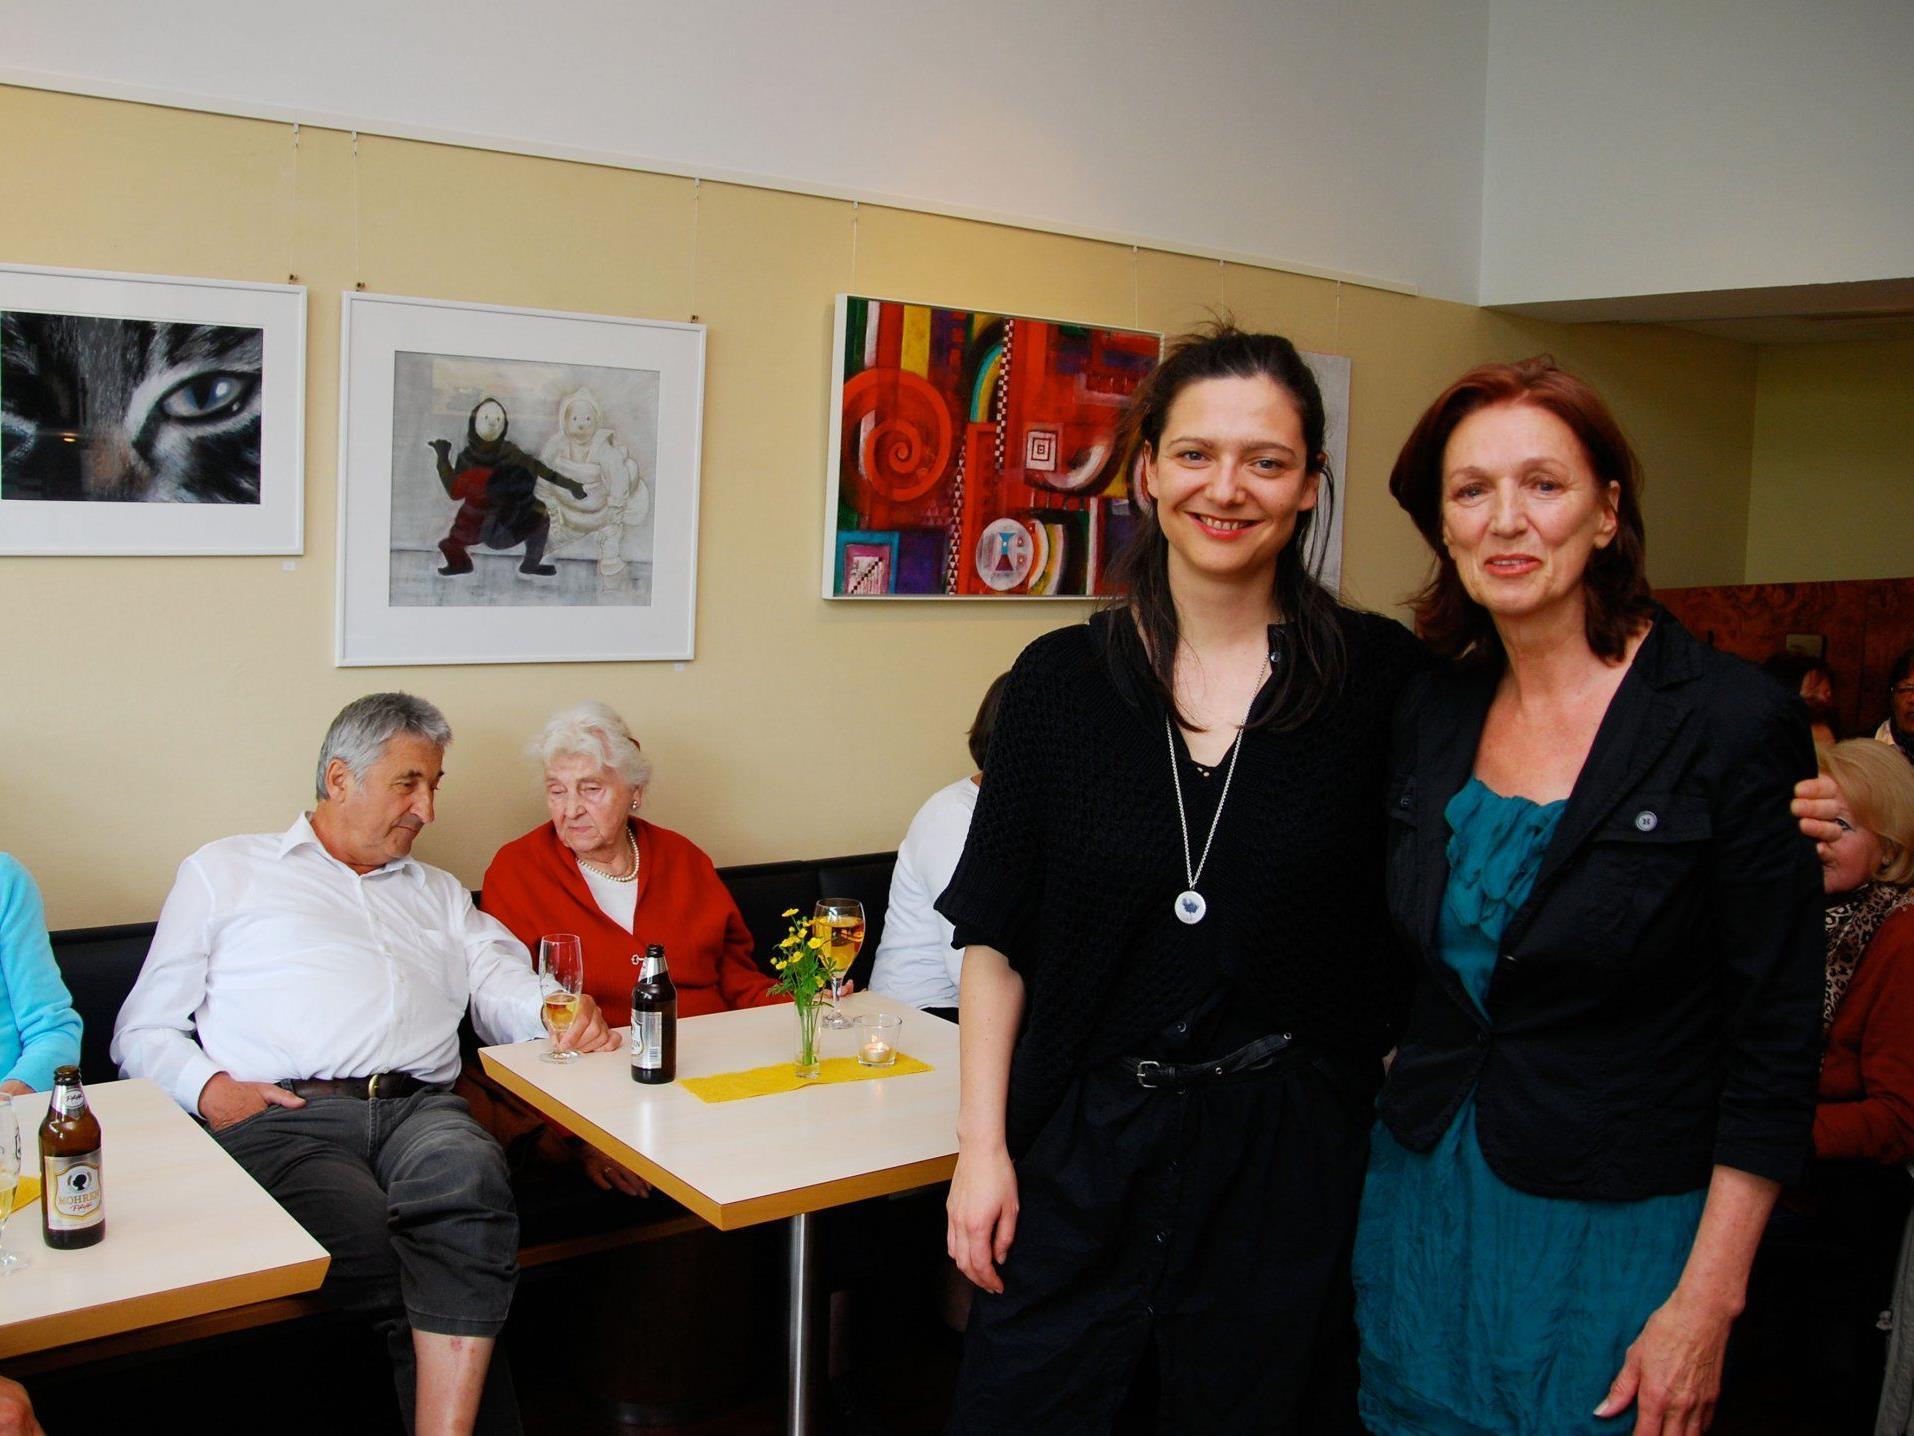 Karoline mit Mama und Künstlerin Antonia Wolff.